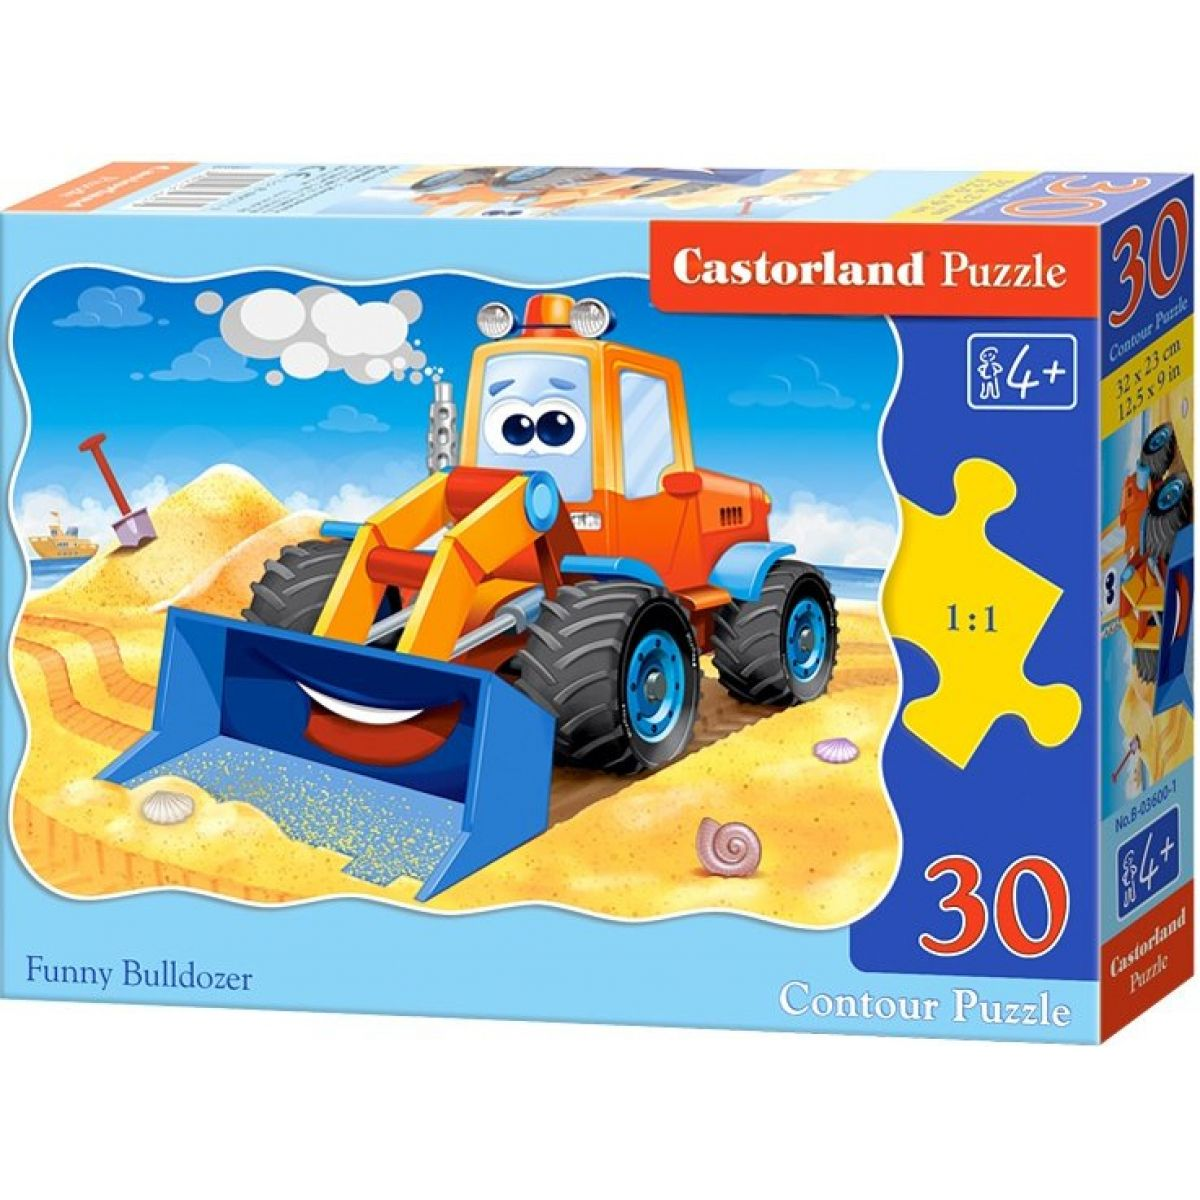 Castorland Puzzle Veselý buldozér 30 dielikov